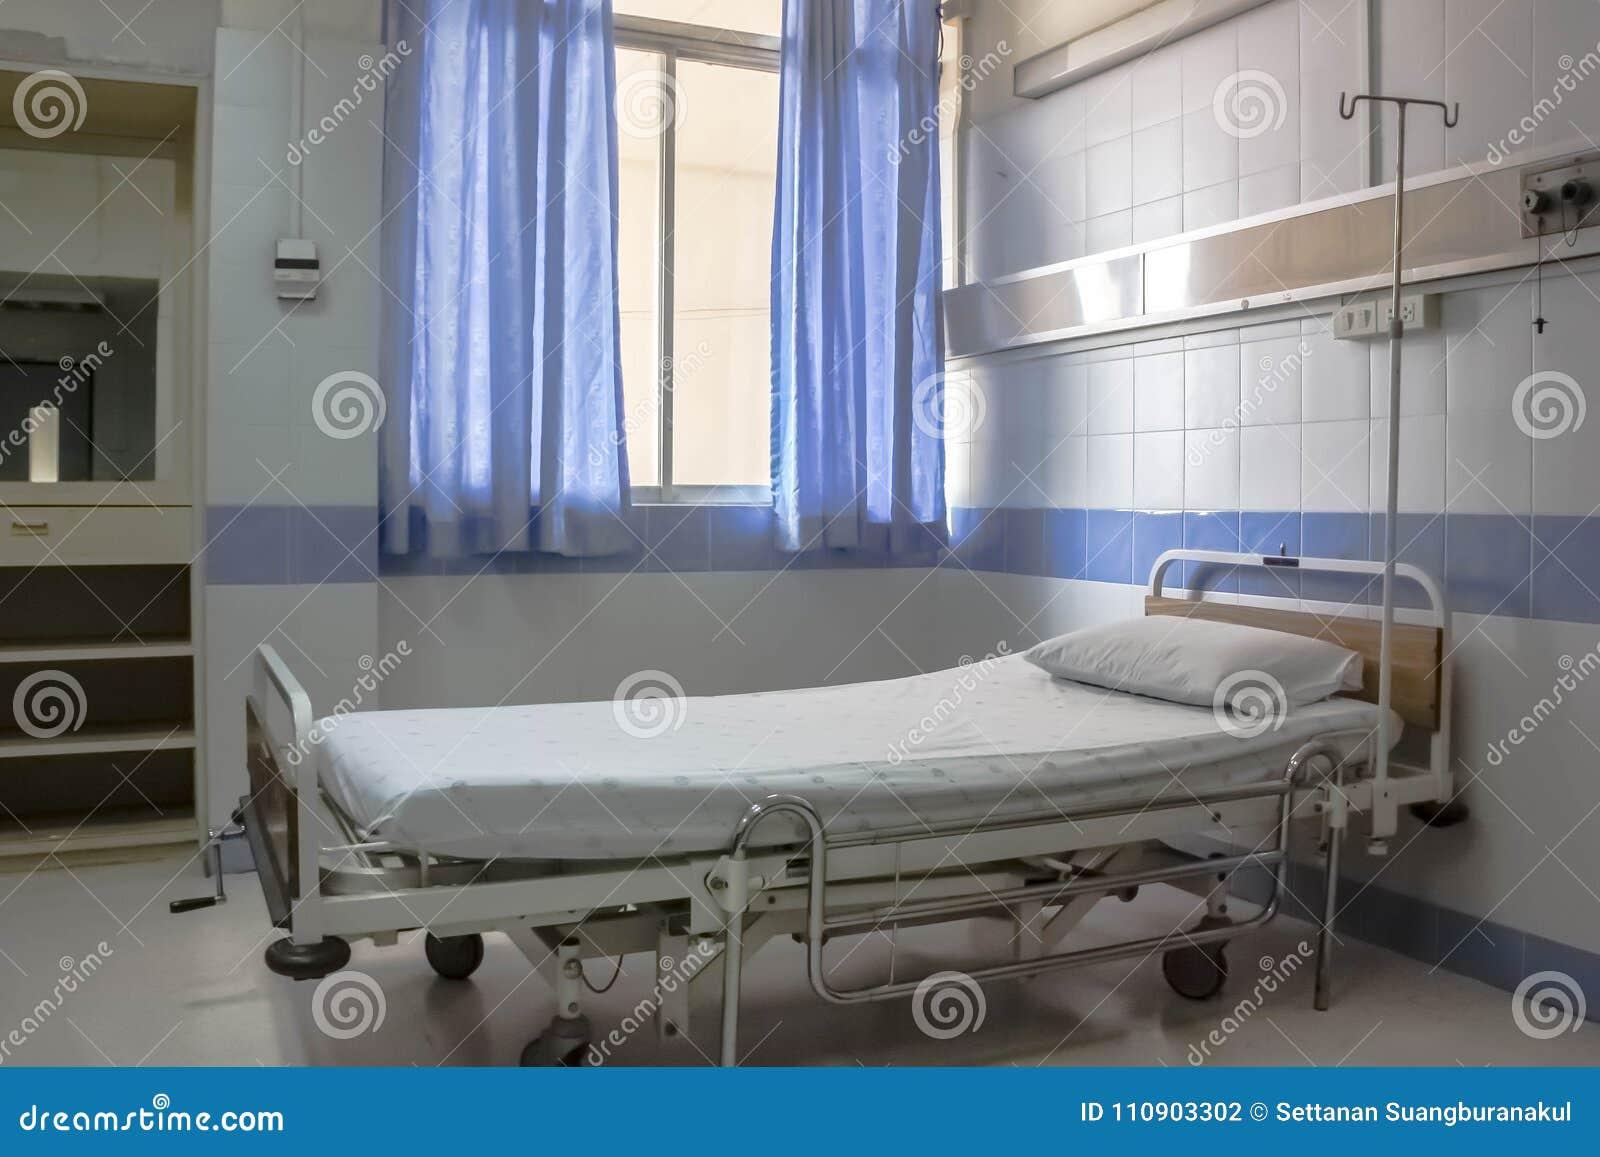 Superieur Cu0027est Une Image Intérieure Du0027une Chambre Du0027hôpital Propre Et Nouvelle Pour  Un Patient